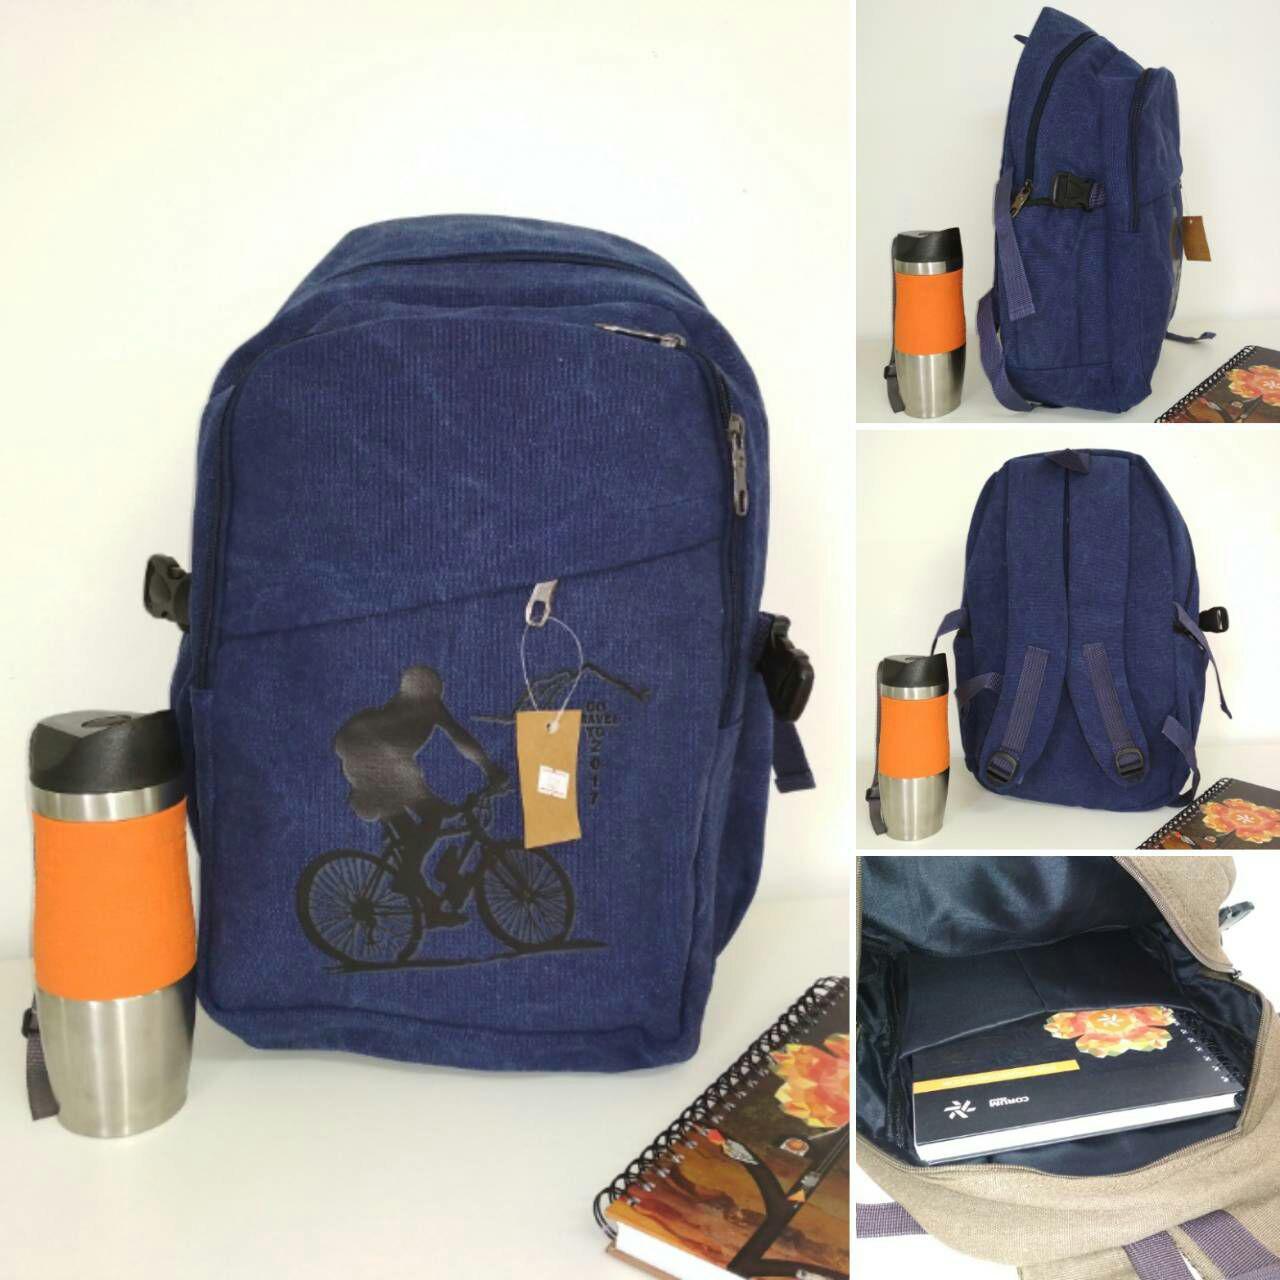 Текстильный школьный рюкзак для подростков 45*29*16 см